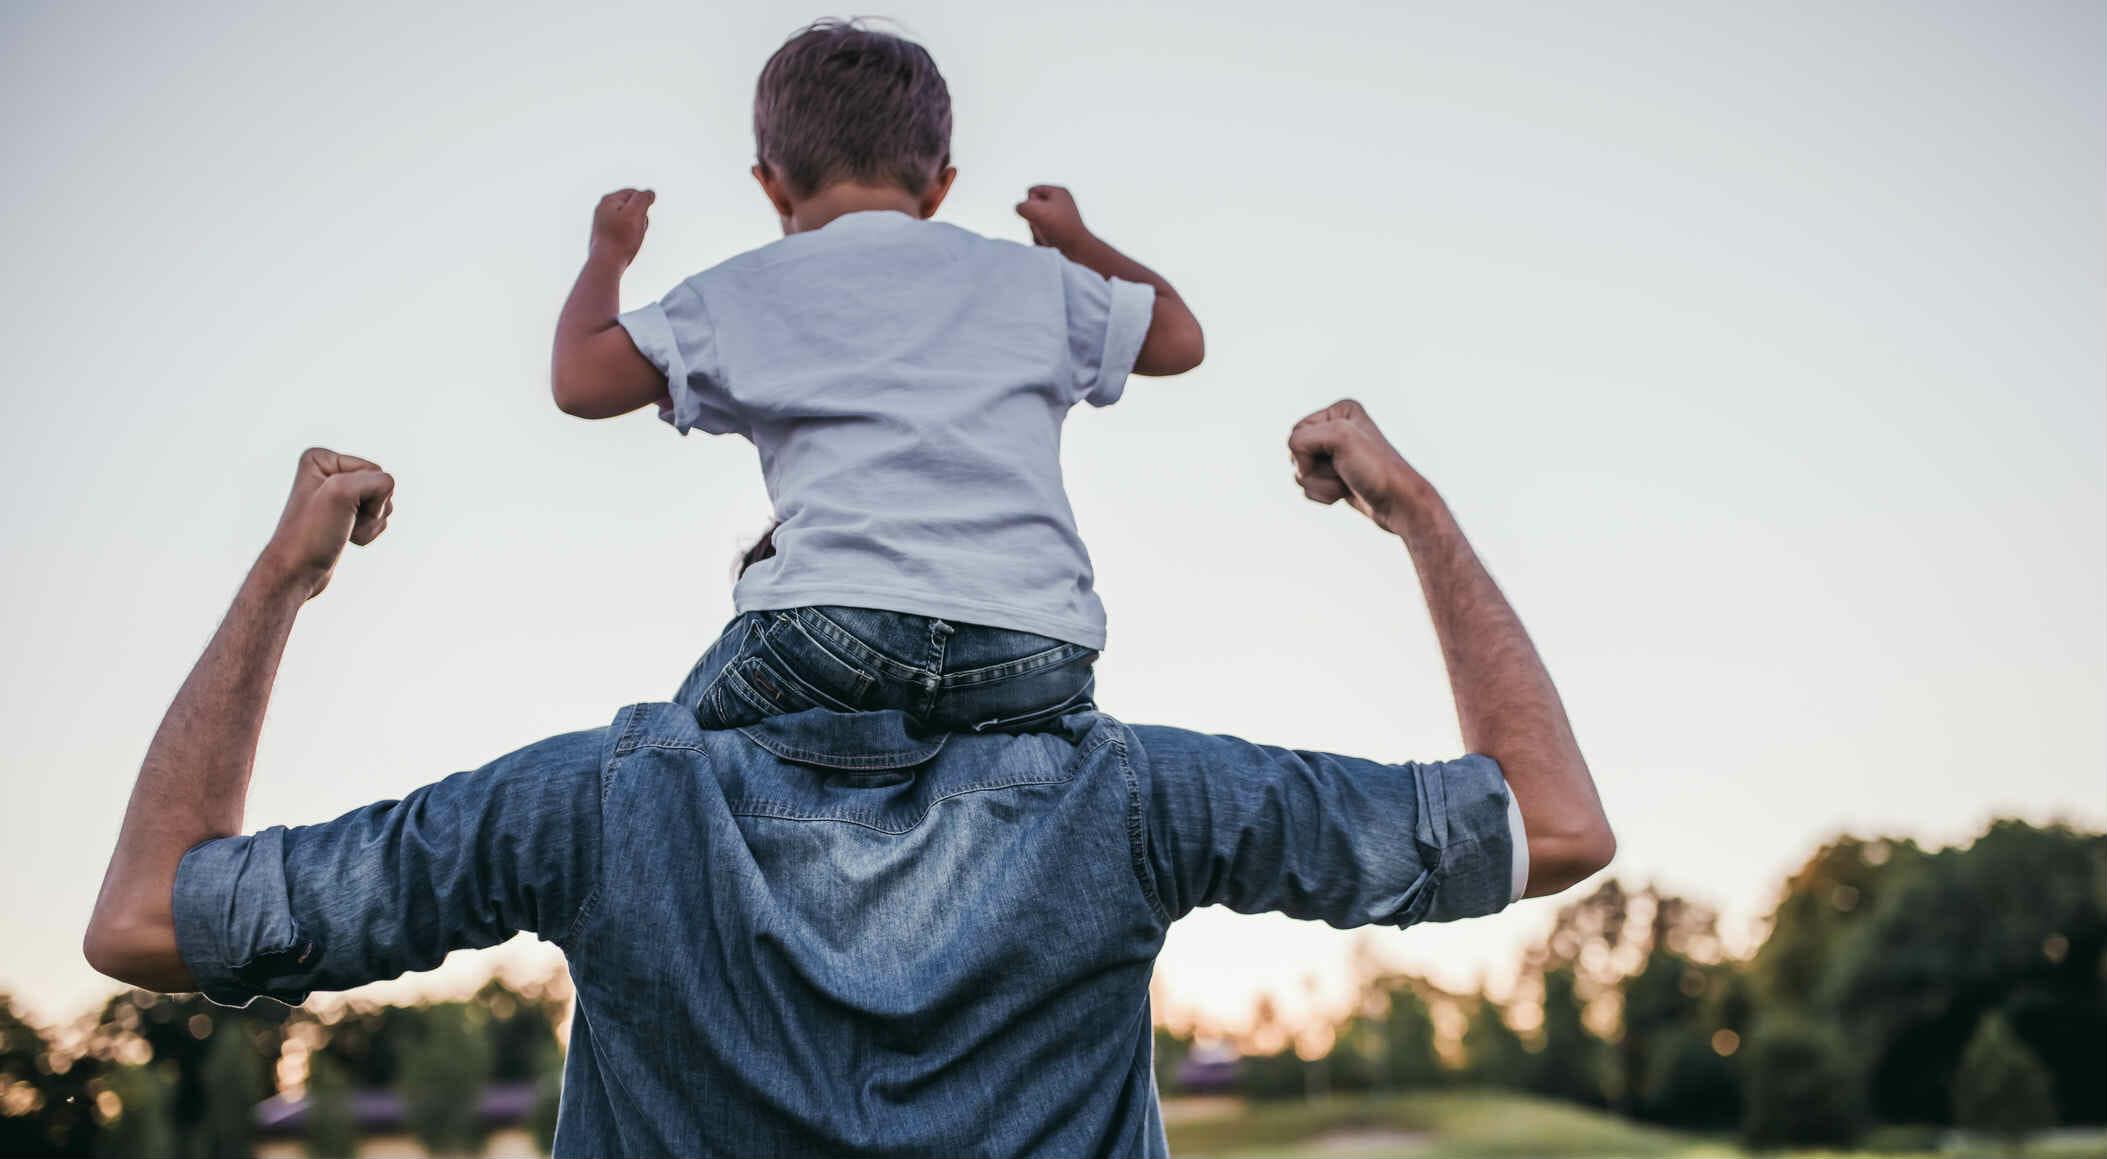 L'inadeguatezza dell'essere padre